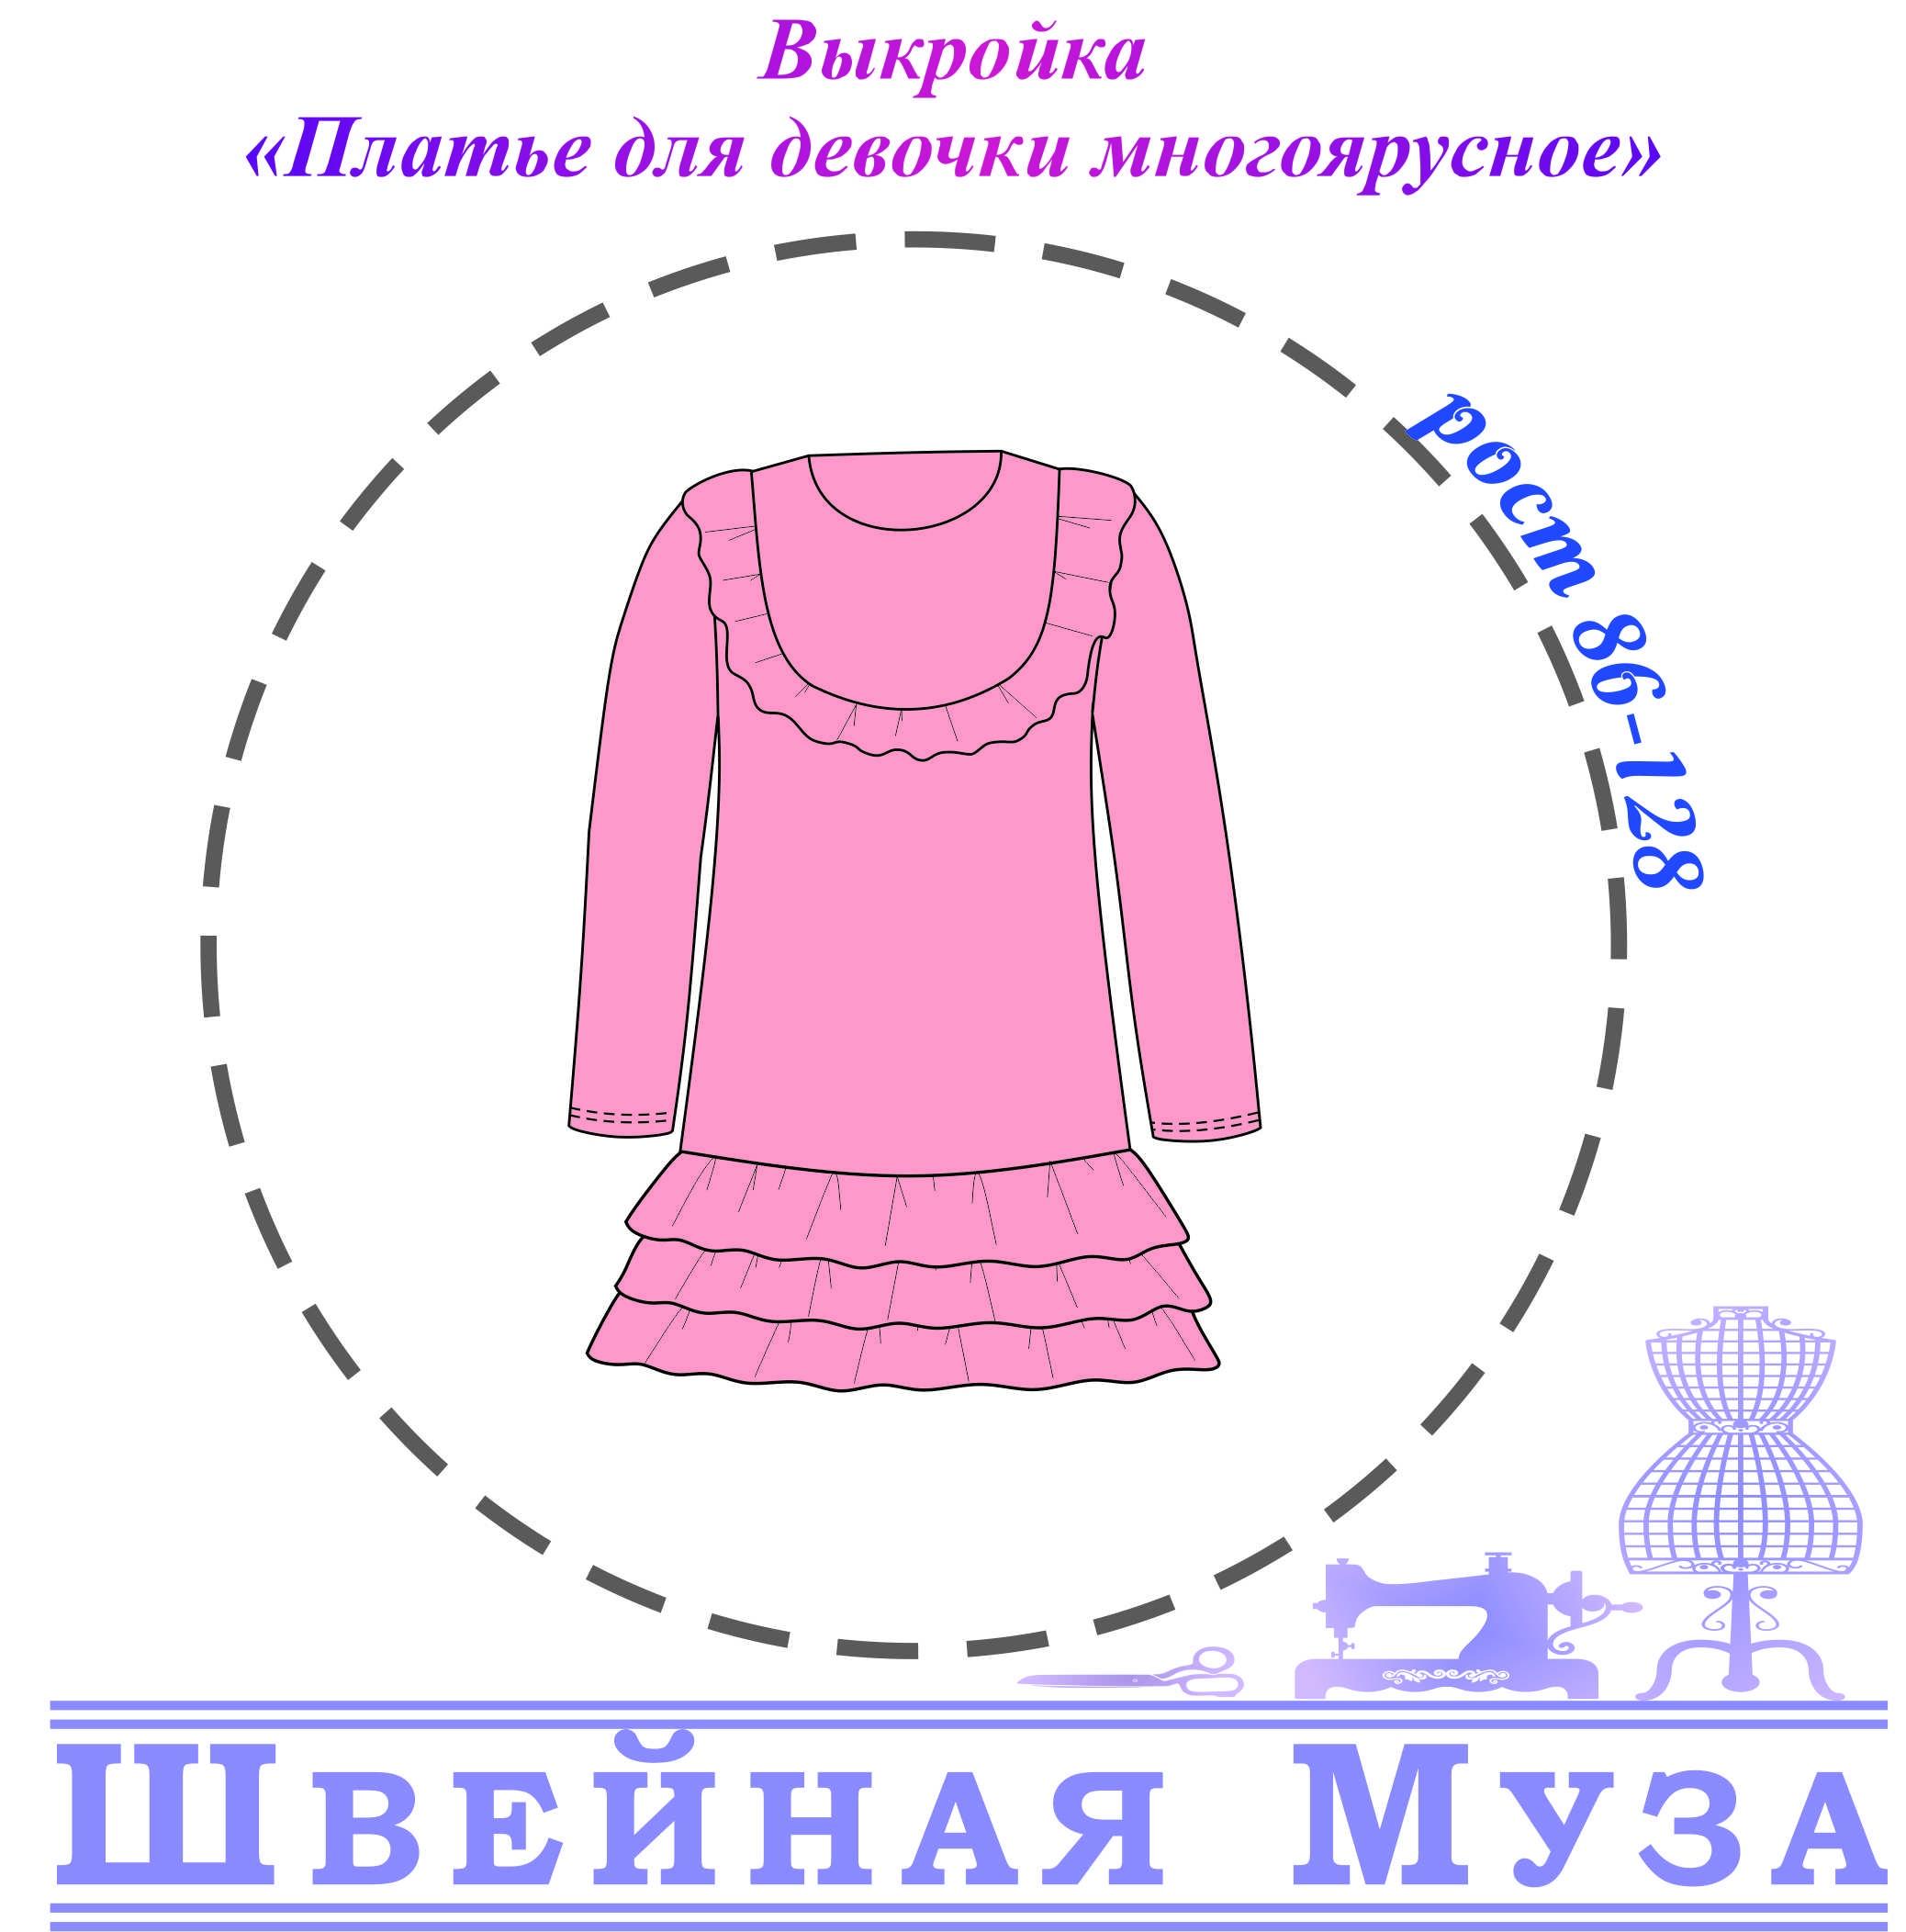 Когда у тебя дочь, то платья можно шить в большом количестве, лишним точно не будет.